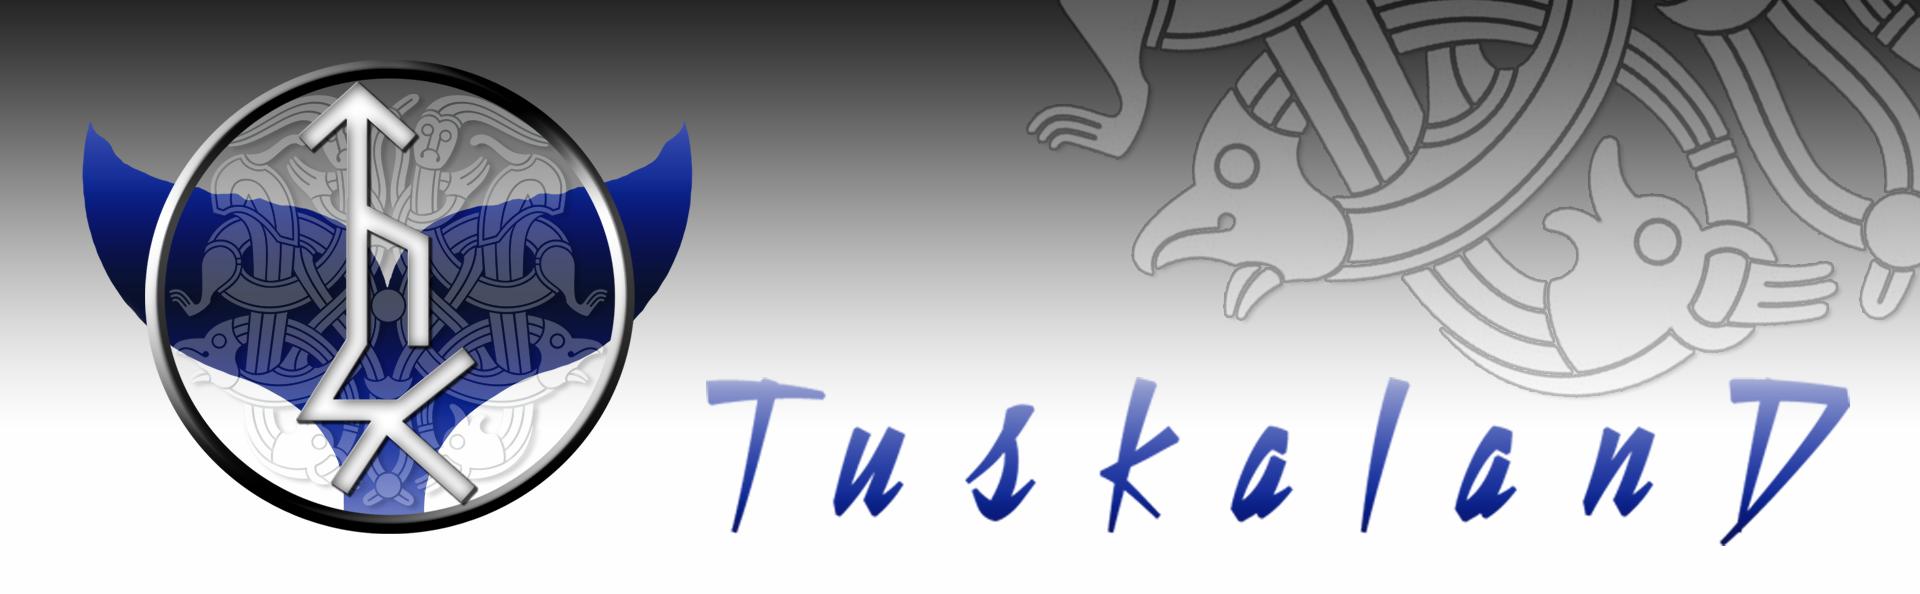 Tuskaland